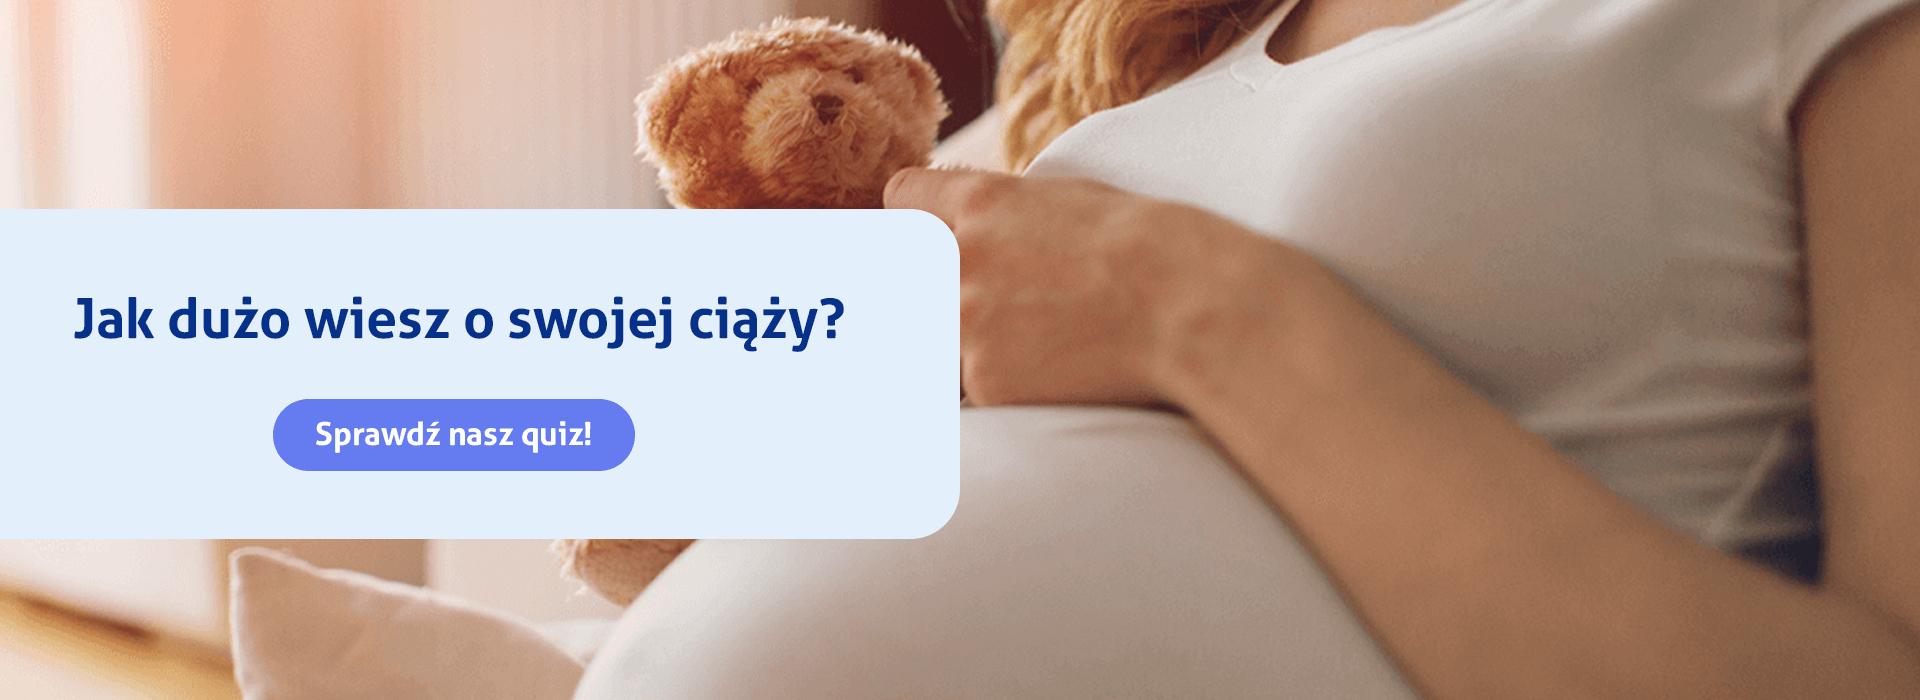 Jak dużo wiesz o swojej ciąży?